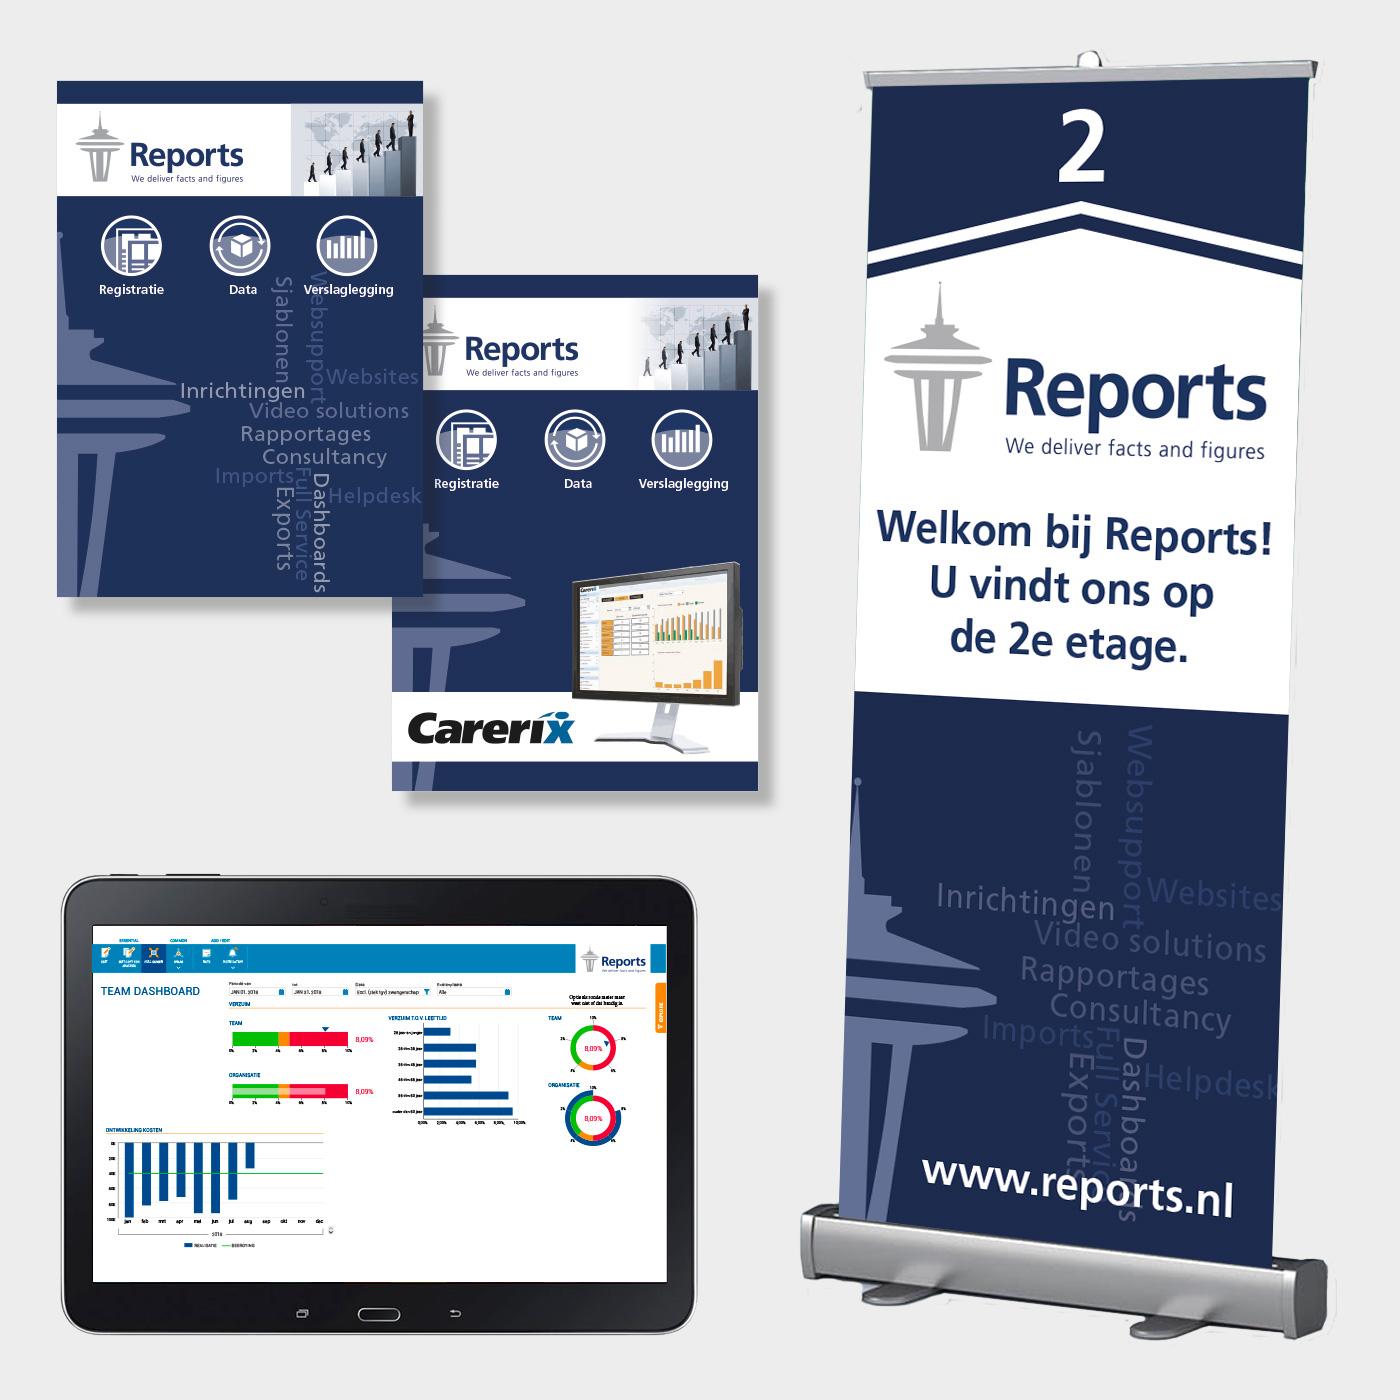 Voor Reports maak ik naast folders en banners ook dashboard ontwerpen voor hun klanten.